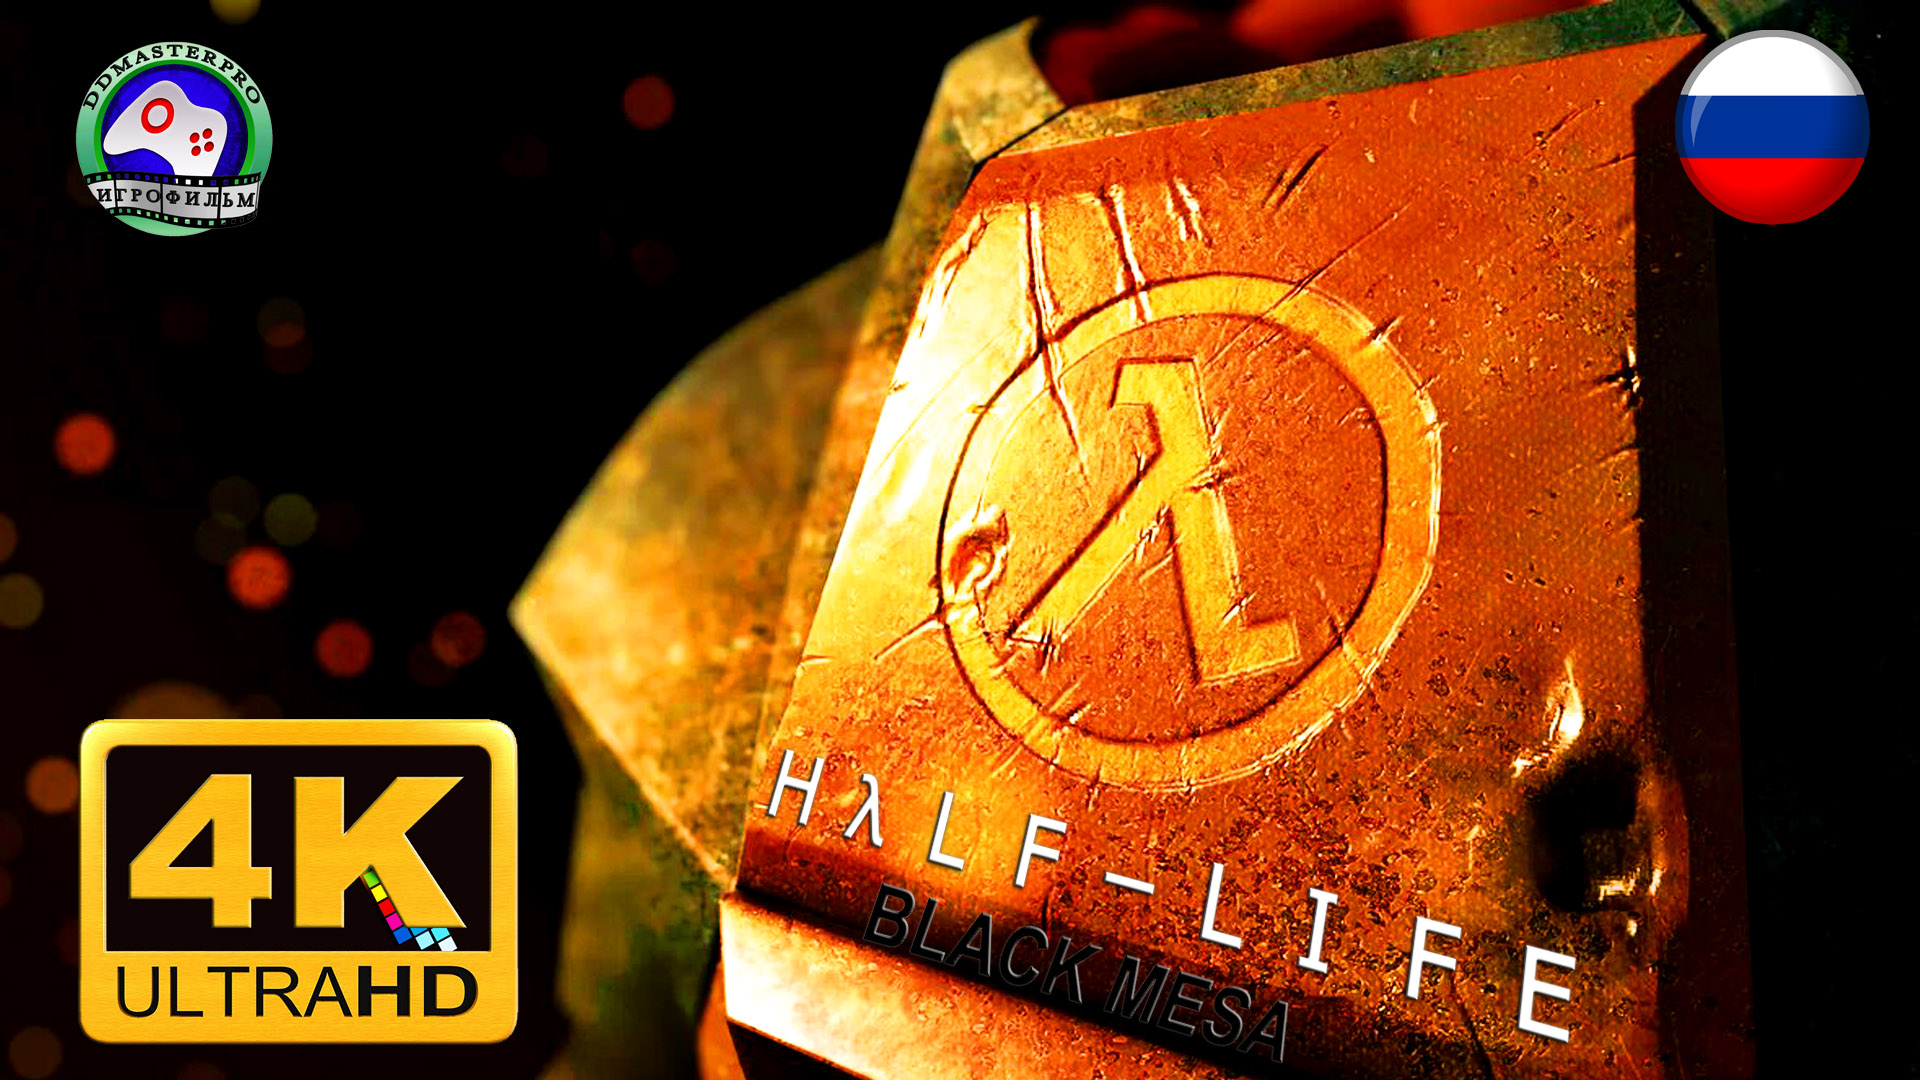 Half-Life Black Mesa ИГРОФИЛЬМ копия